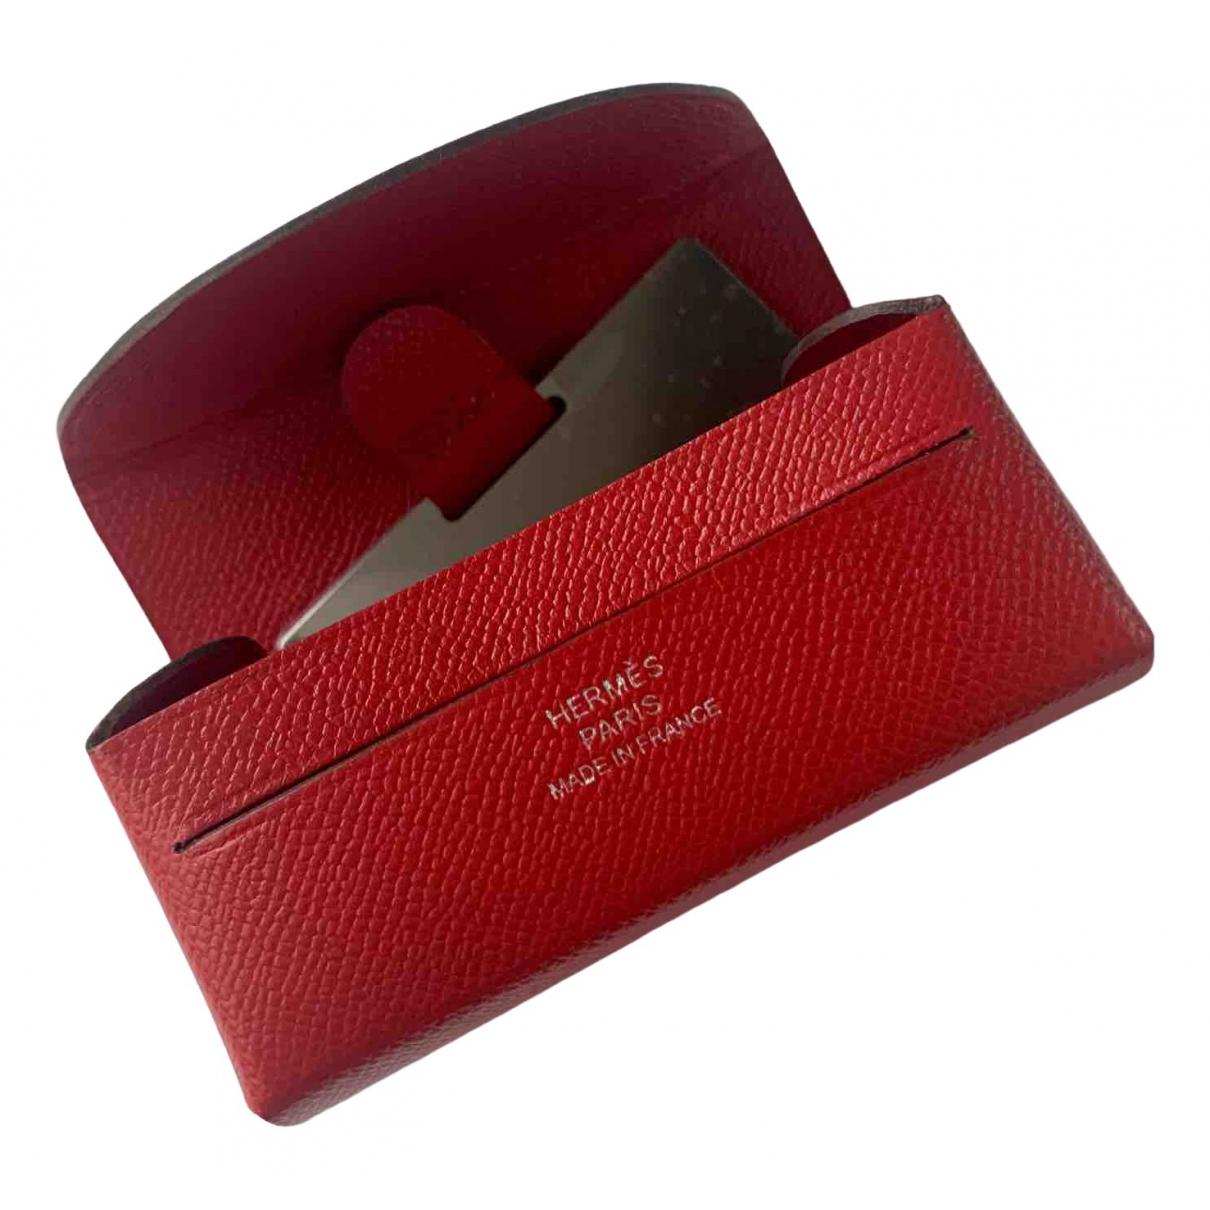 Hermes - Petite maroquinerie   pour femme en cuir - rouge